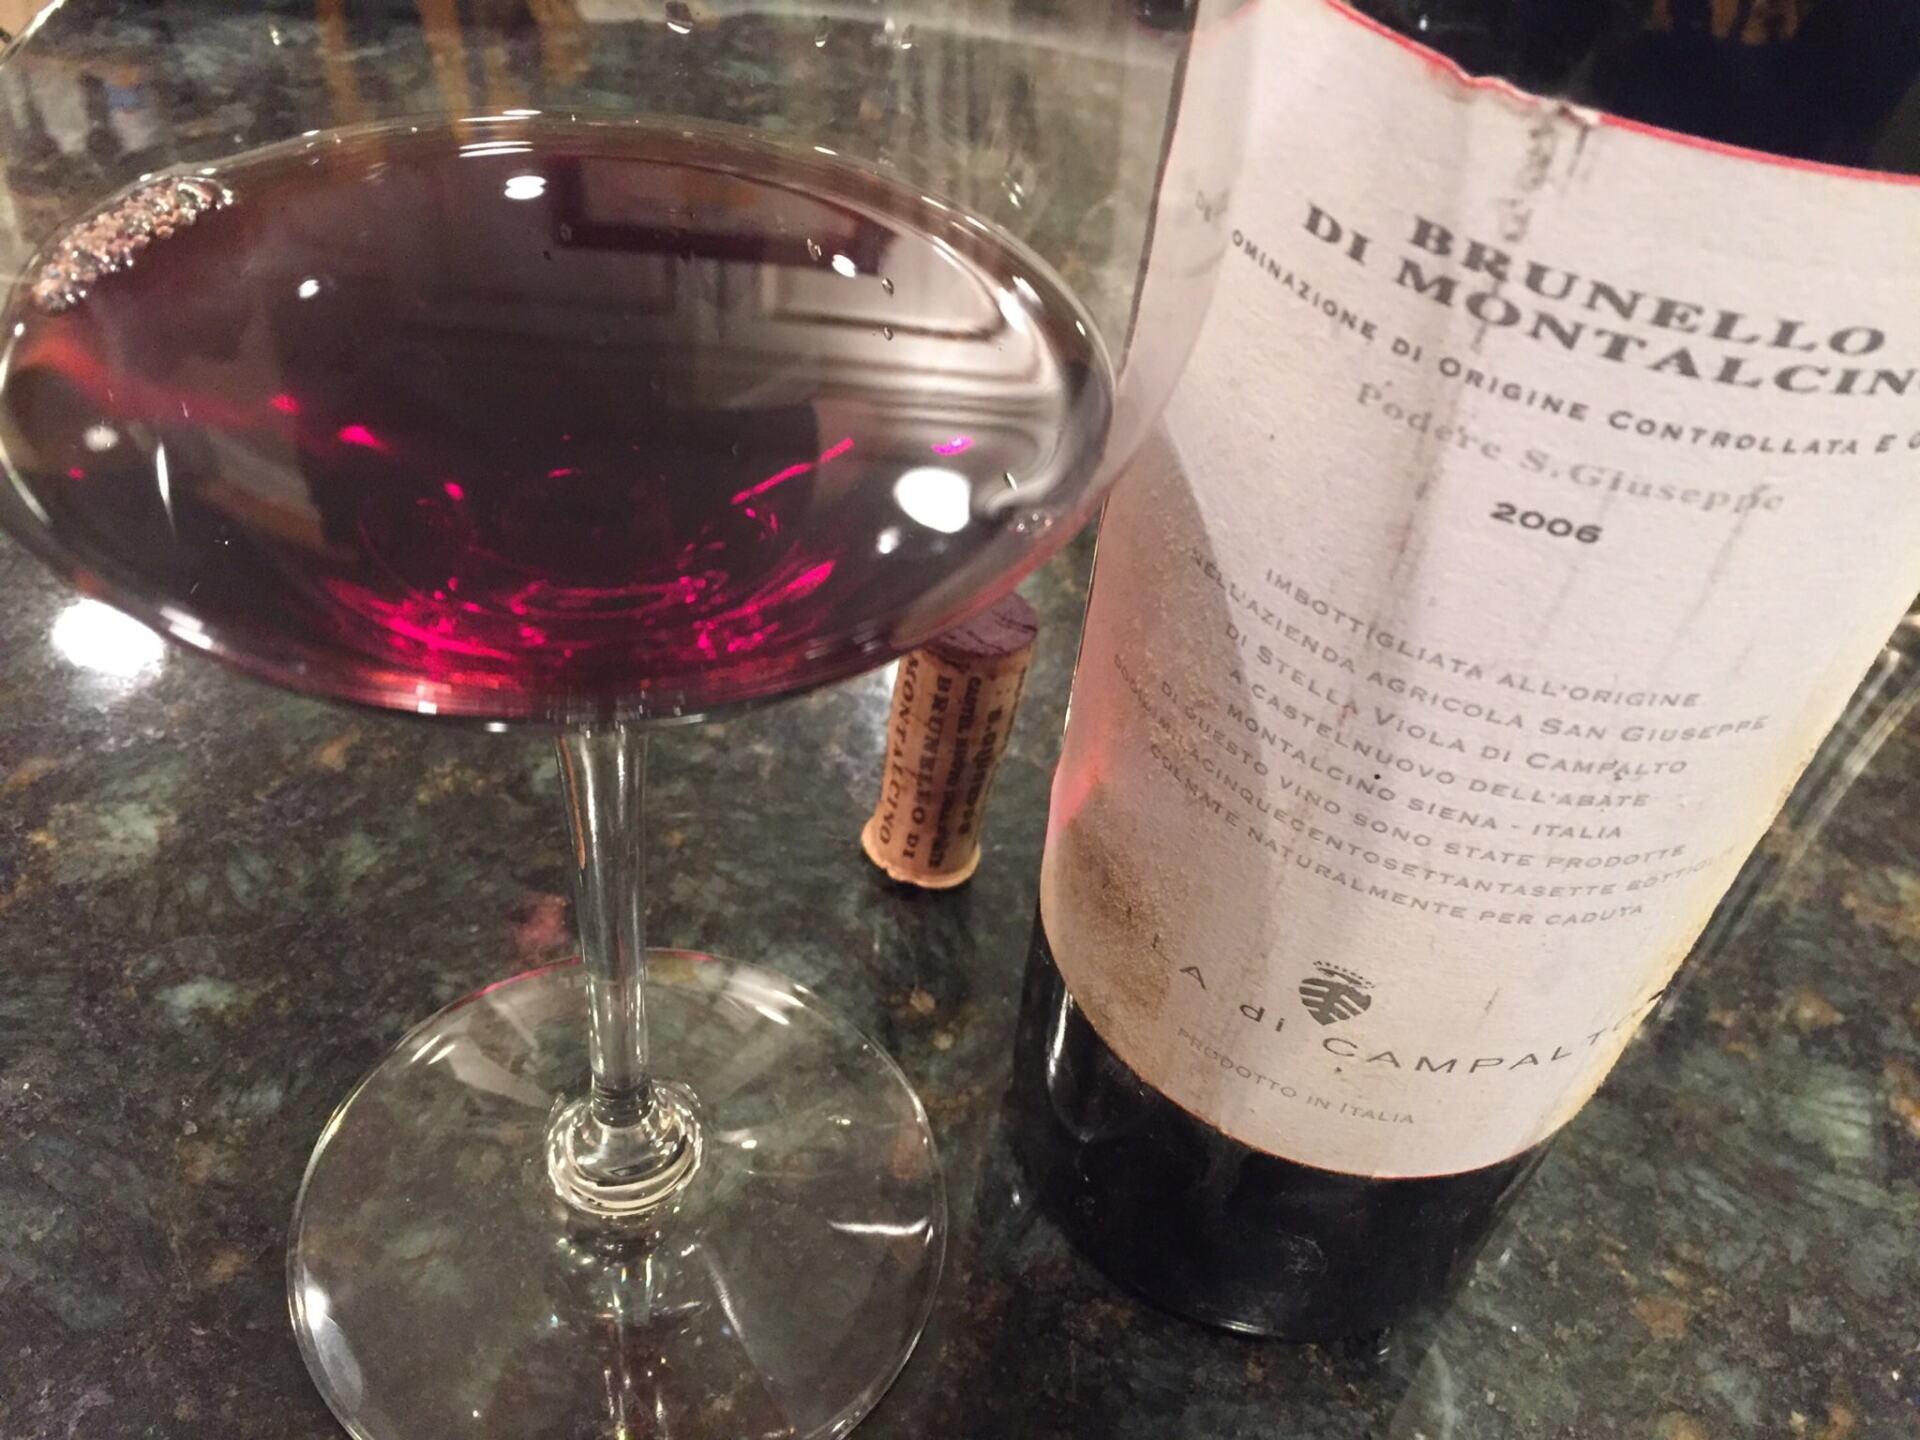 Stella di Campalto Wine